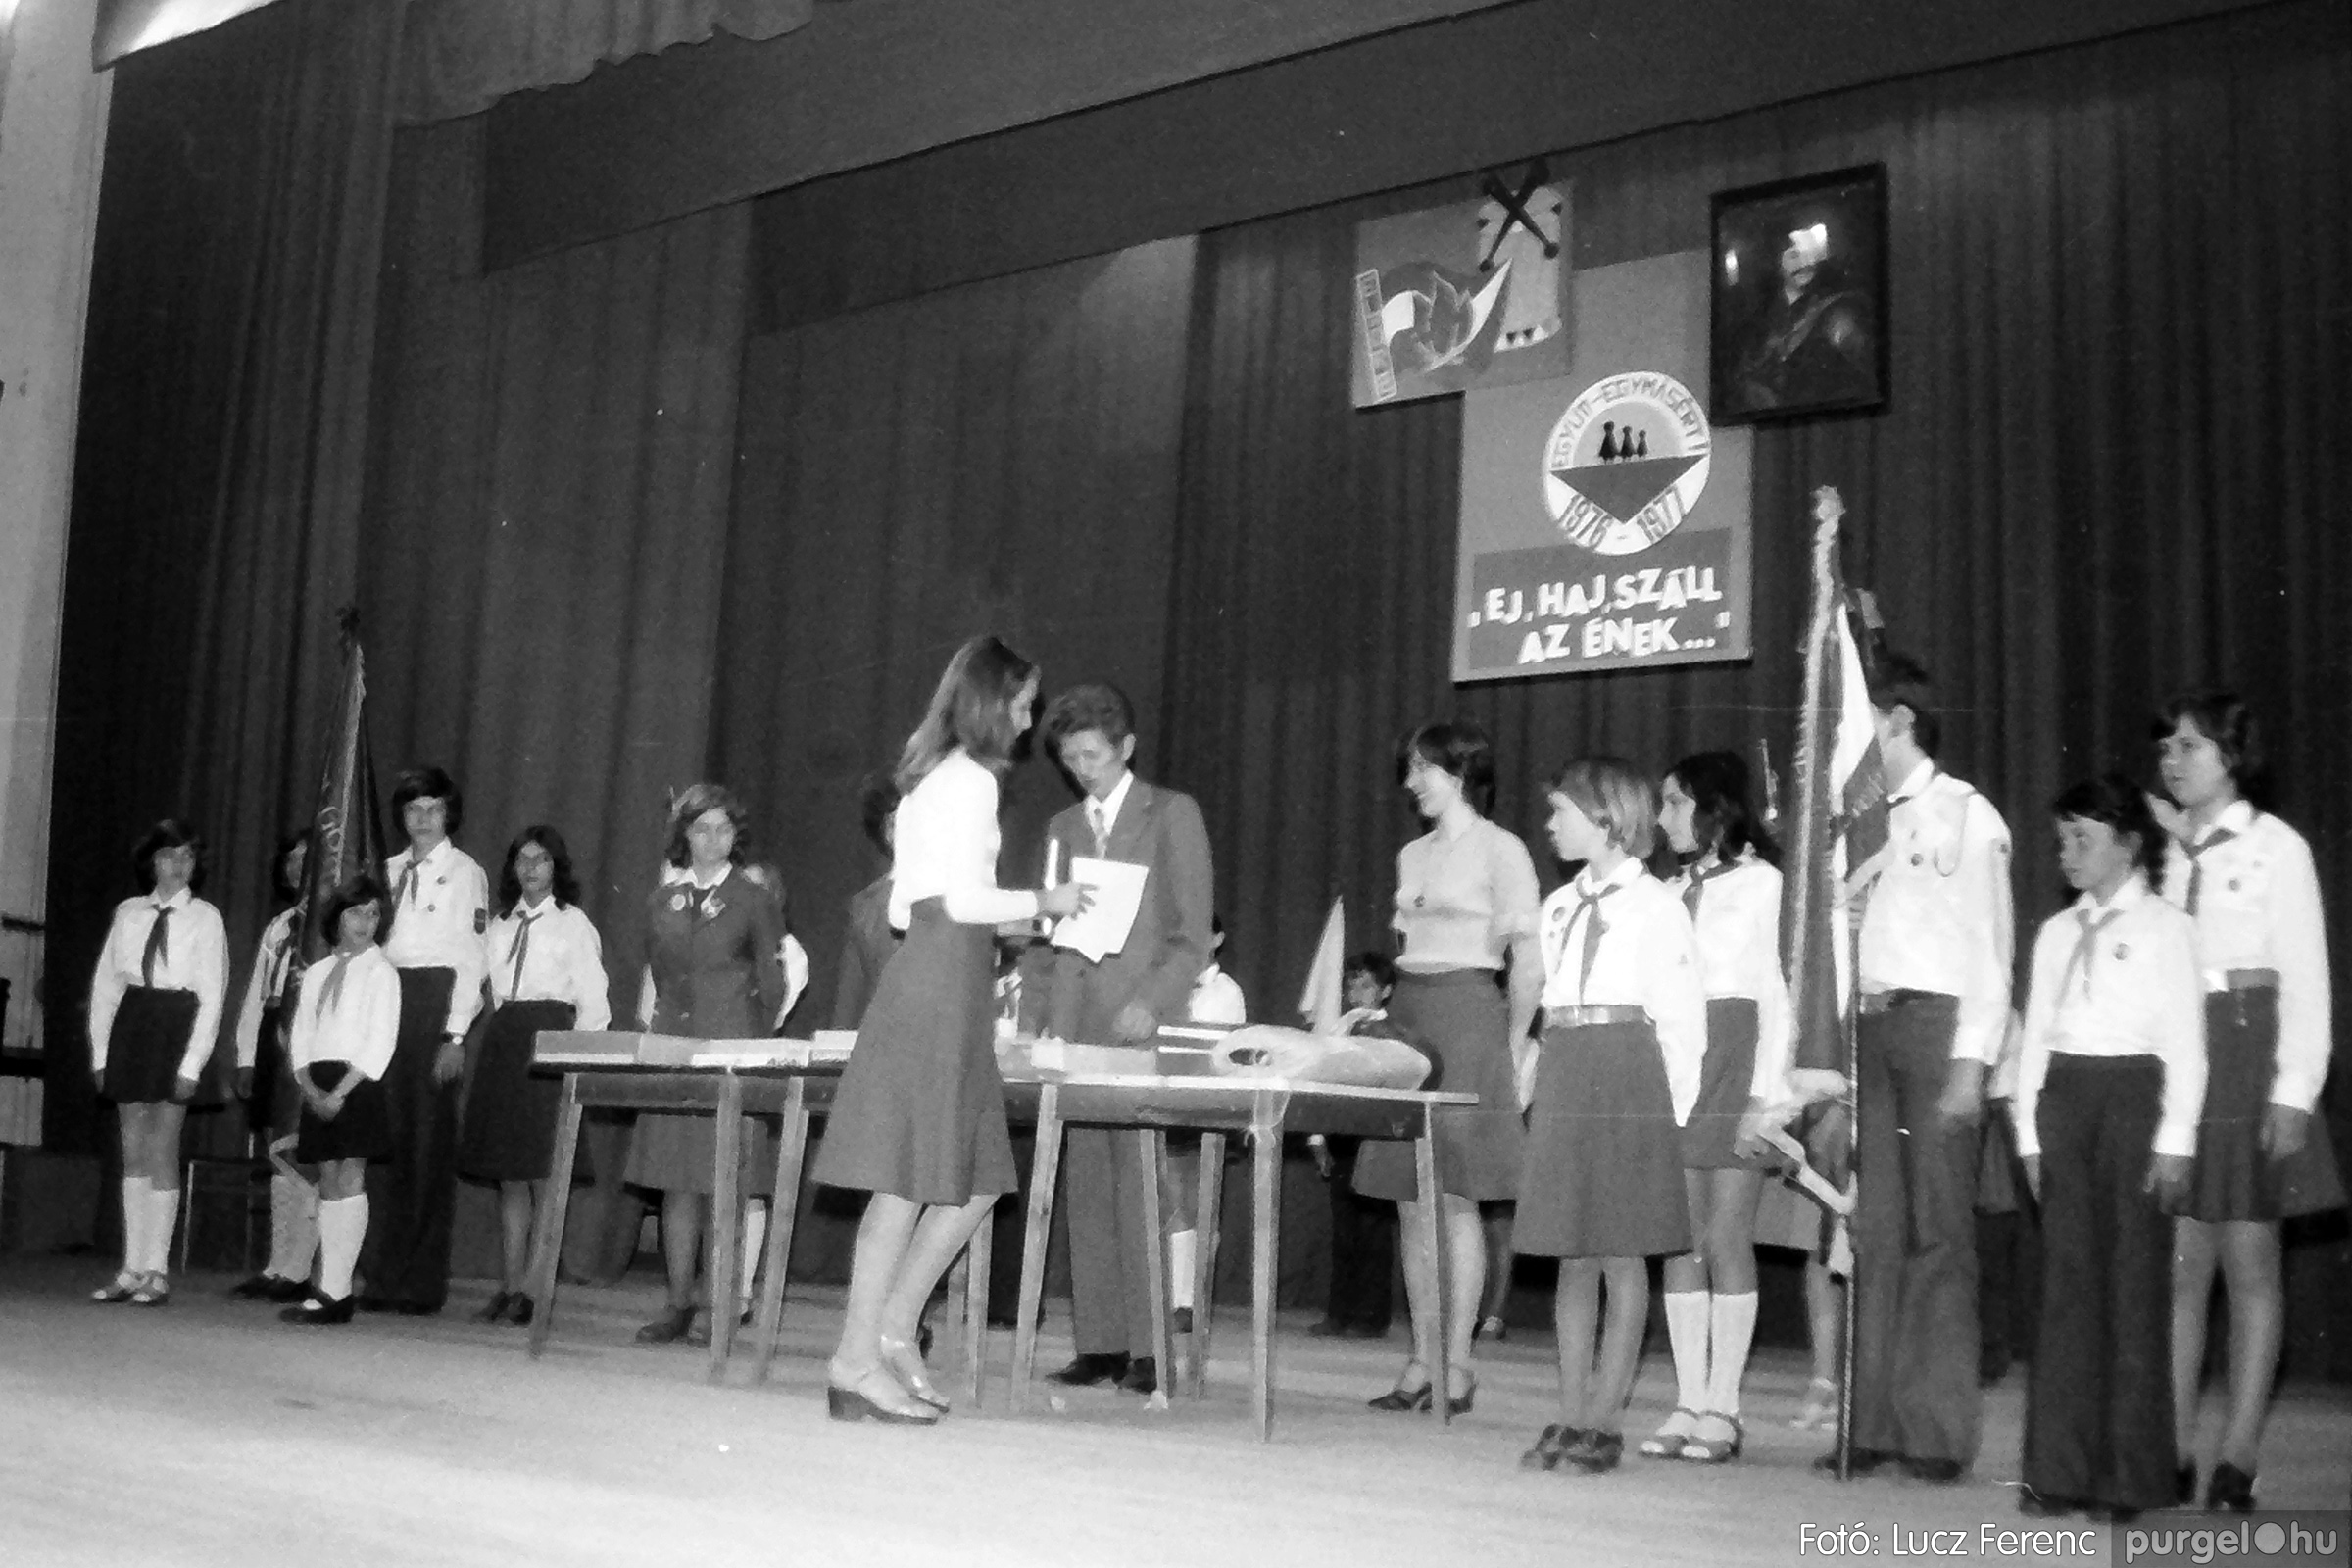 077. 1977. Kulturális seregszemle Mindszenten 009. - Fotó: Lucz Ferenc.jpg